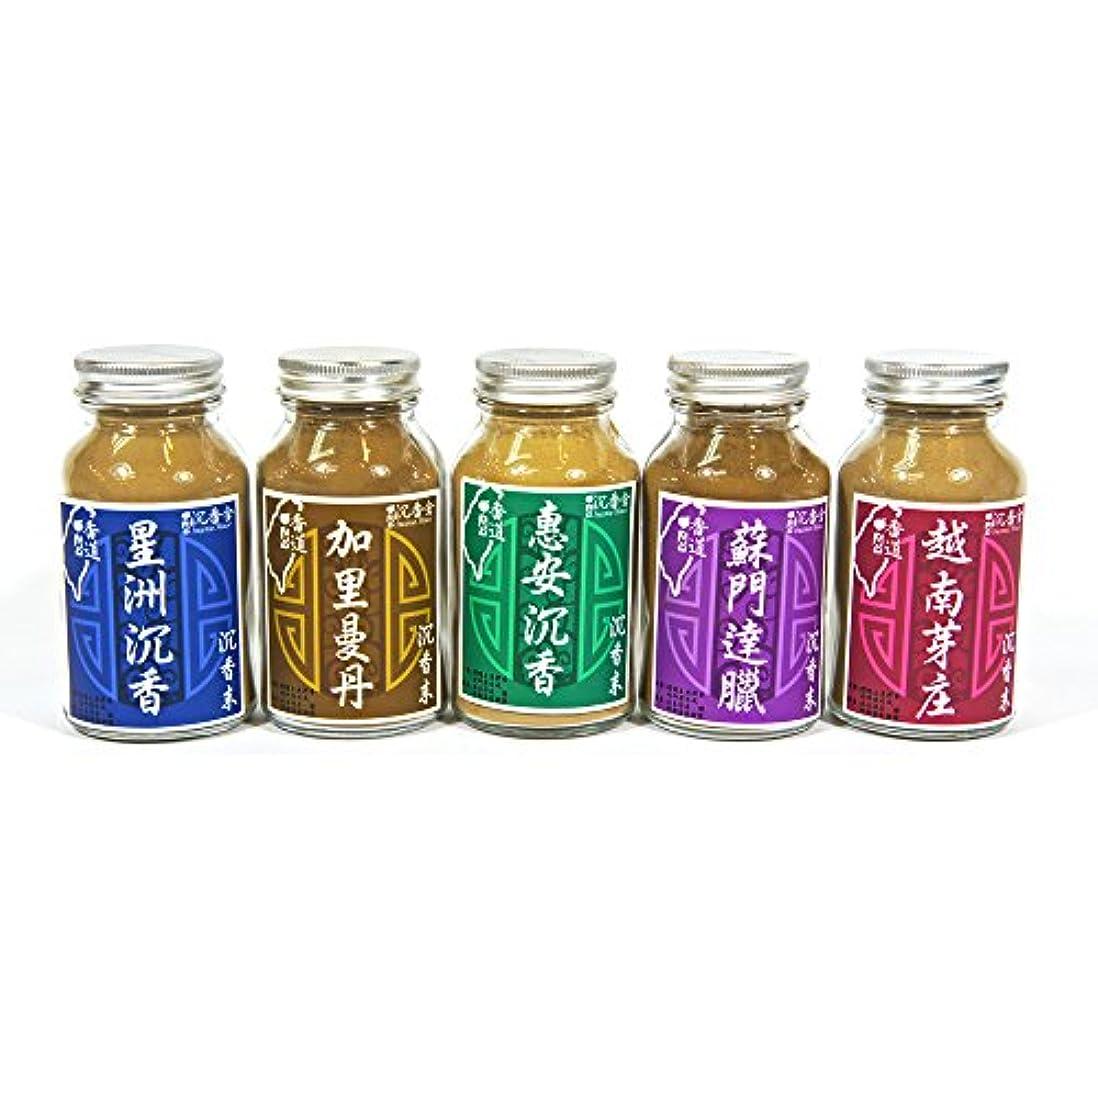 デザイナーカブ奇妙な台湾沉香舍 お香原料 高級品 5グレード沈香粉末 セット (5沈香)  各1本 : 50g